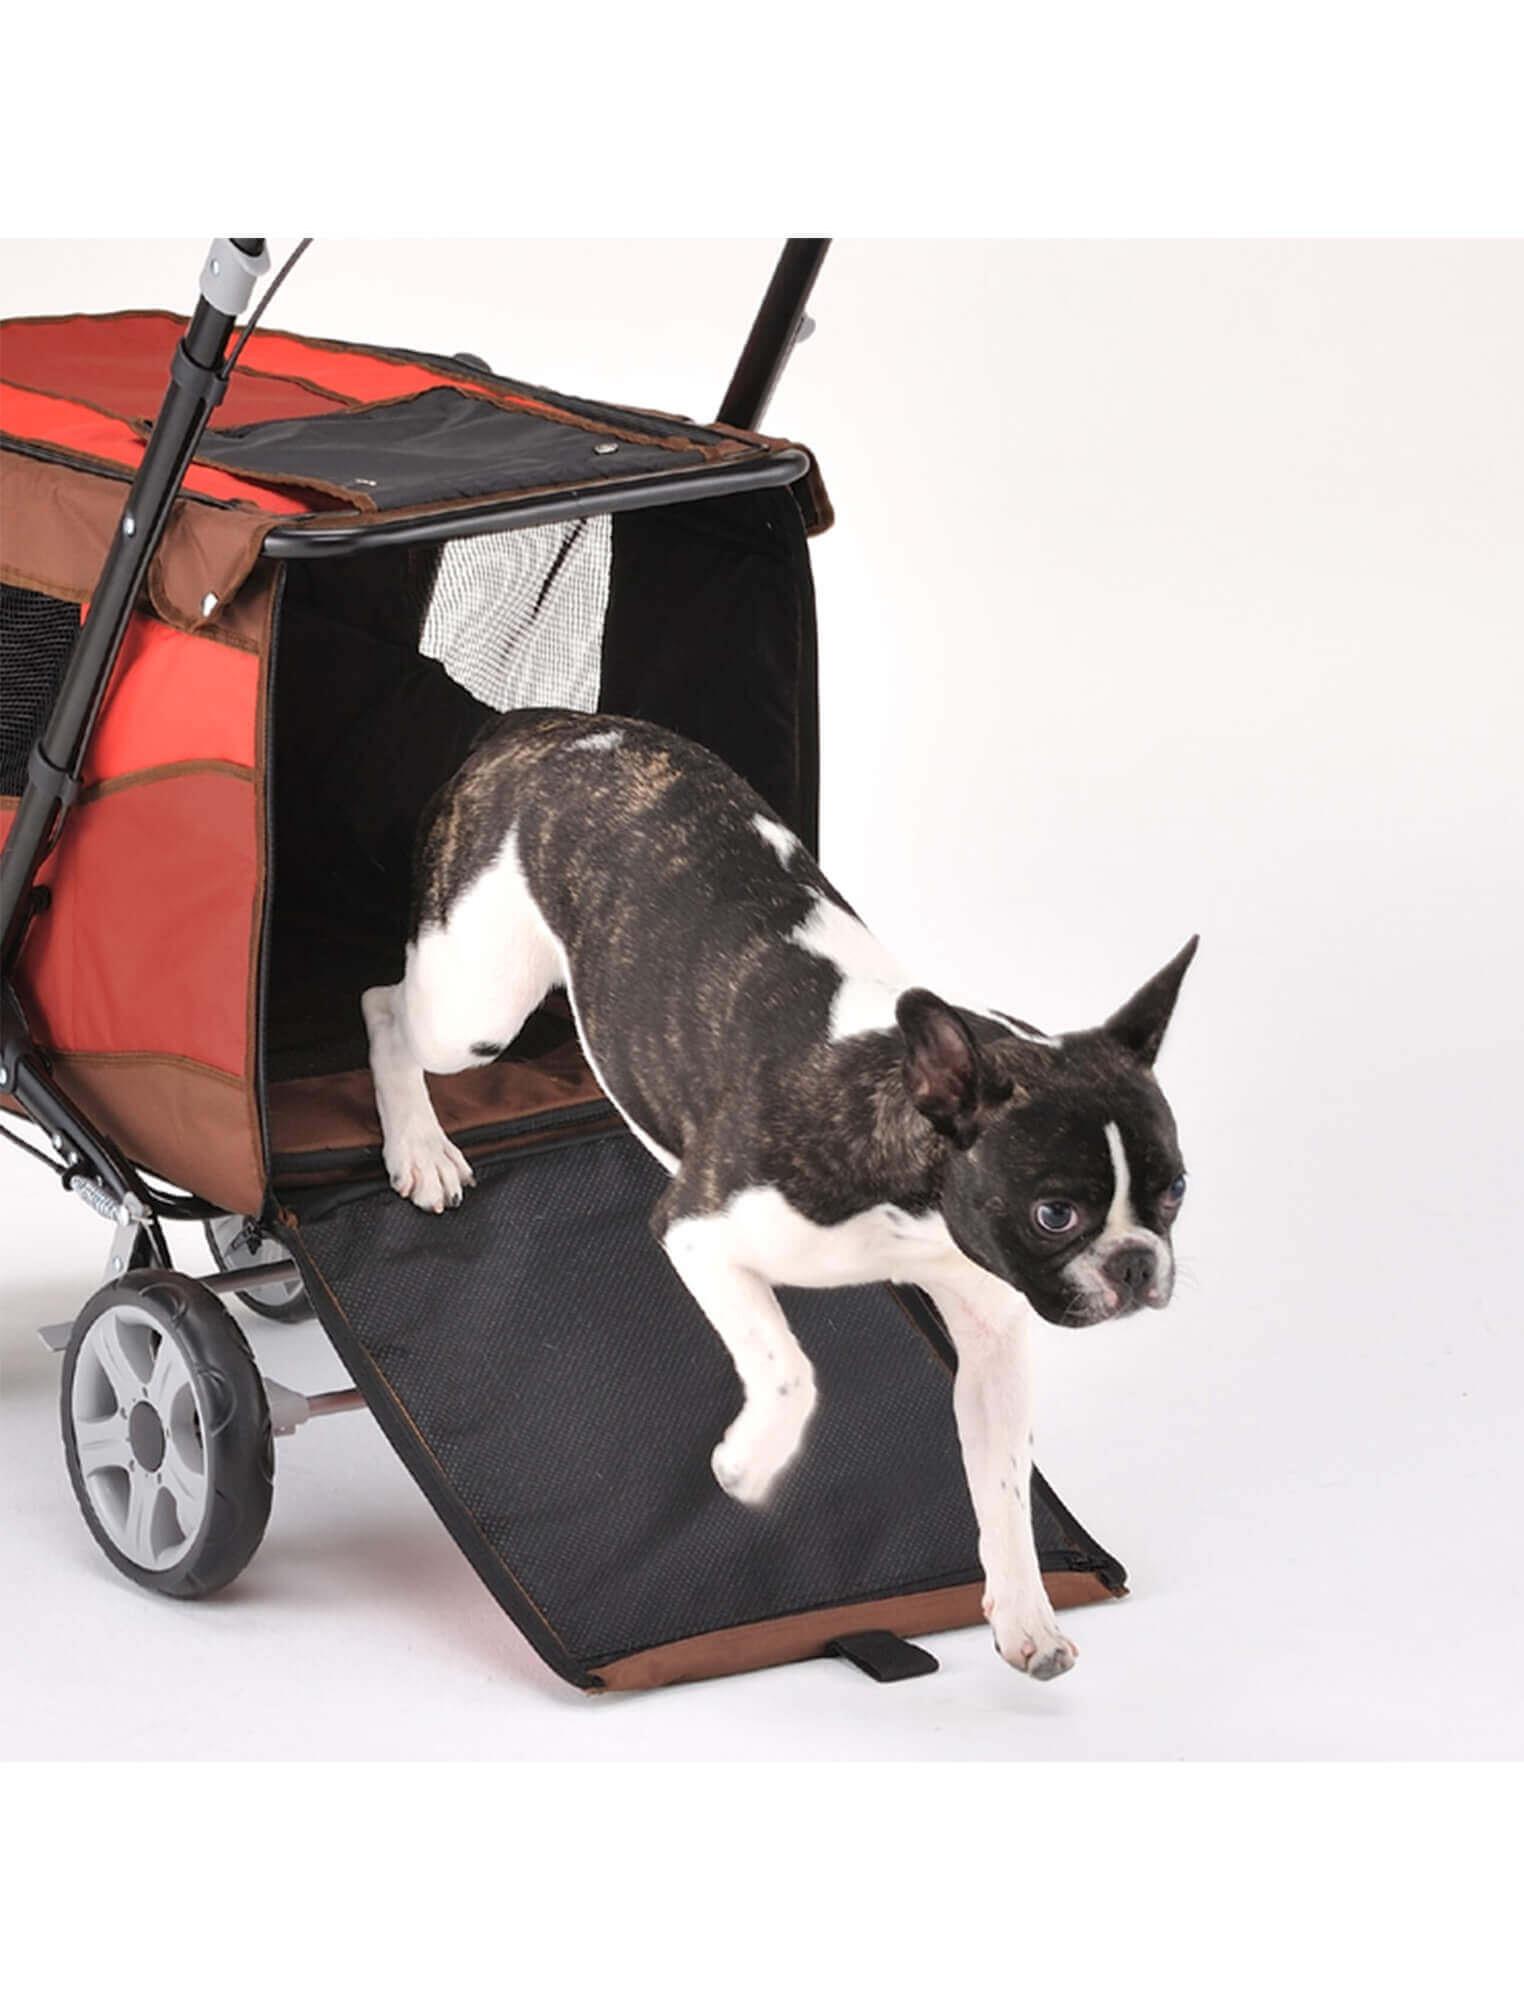 キャリーバッグでは運べない大きめの子も楽に運べます